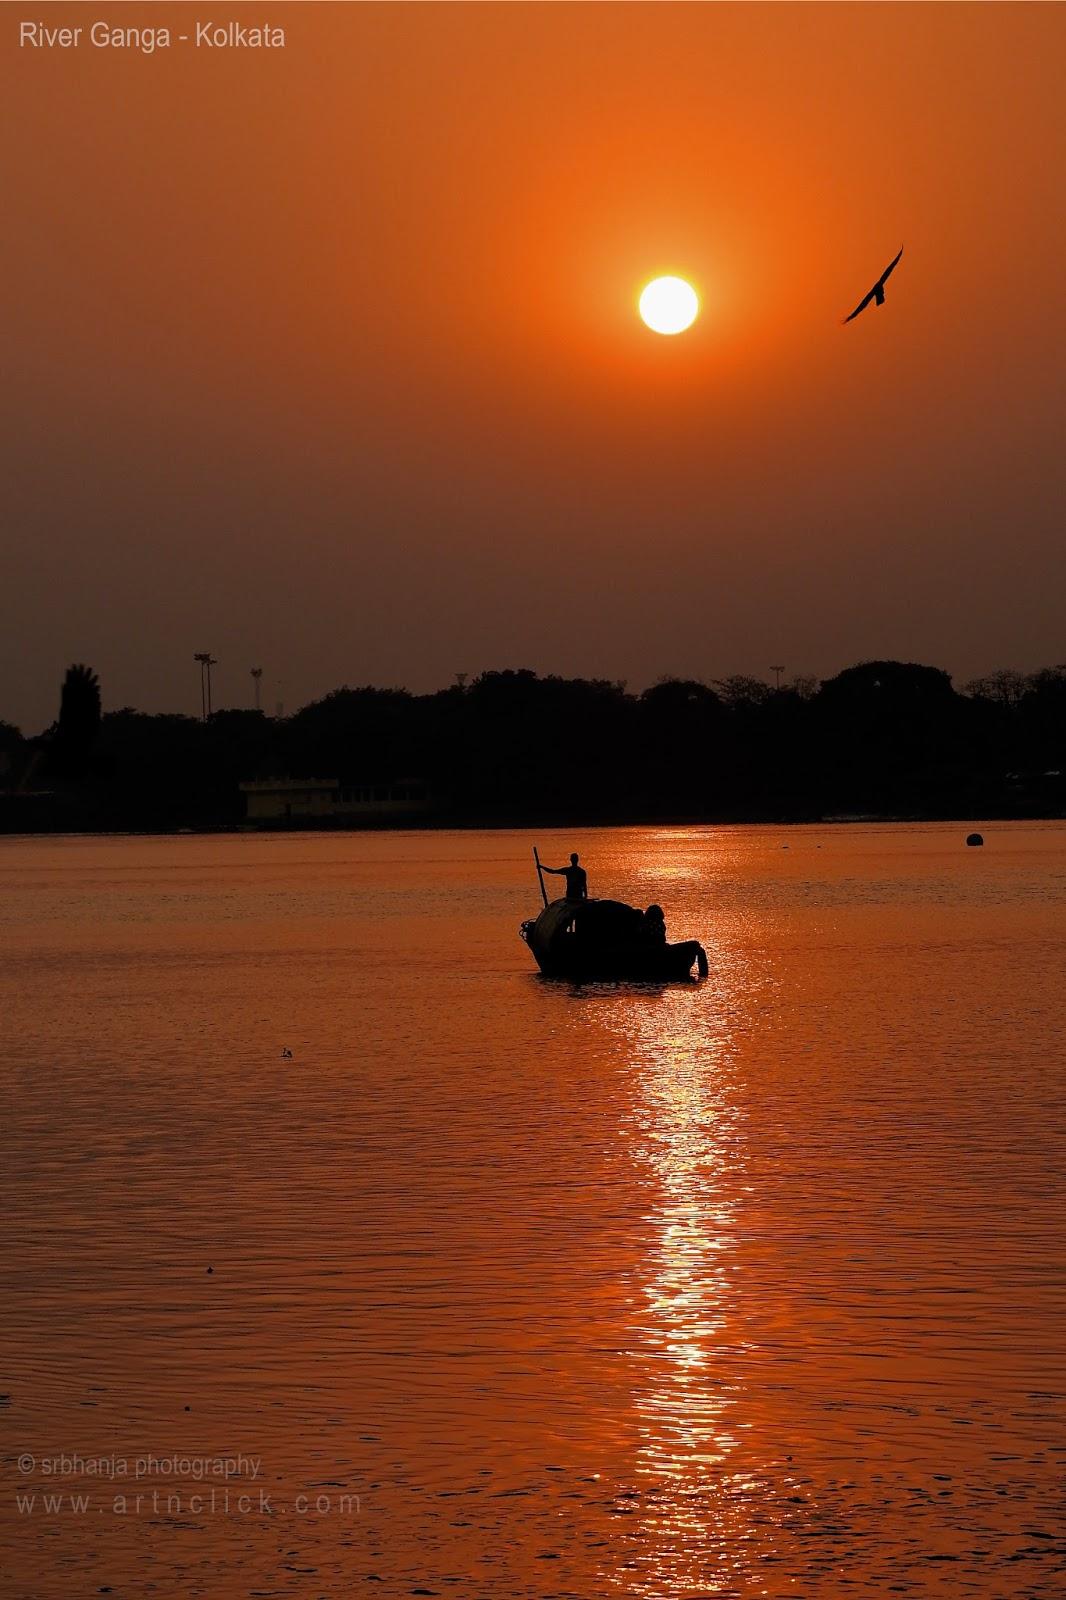 Nikon Coolpix P900 | Sample Pics - Art n Click Blog